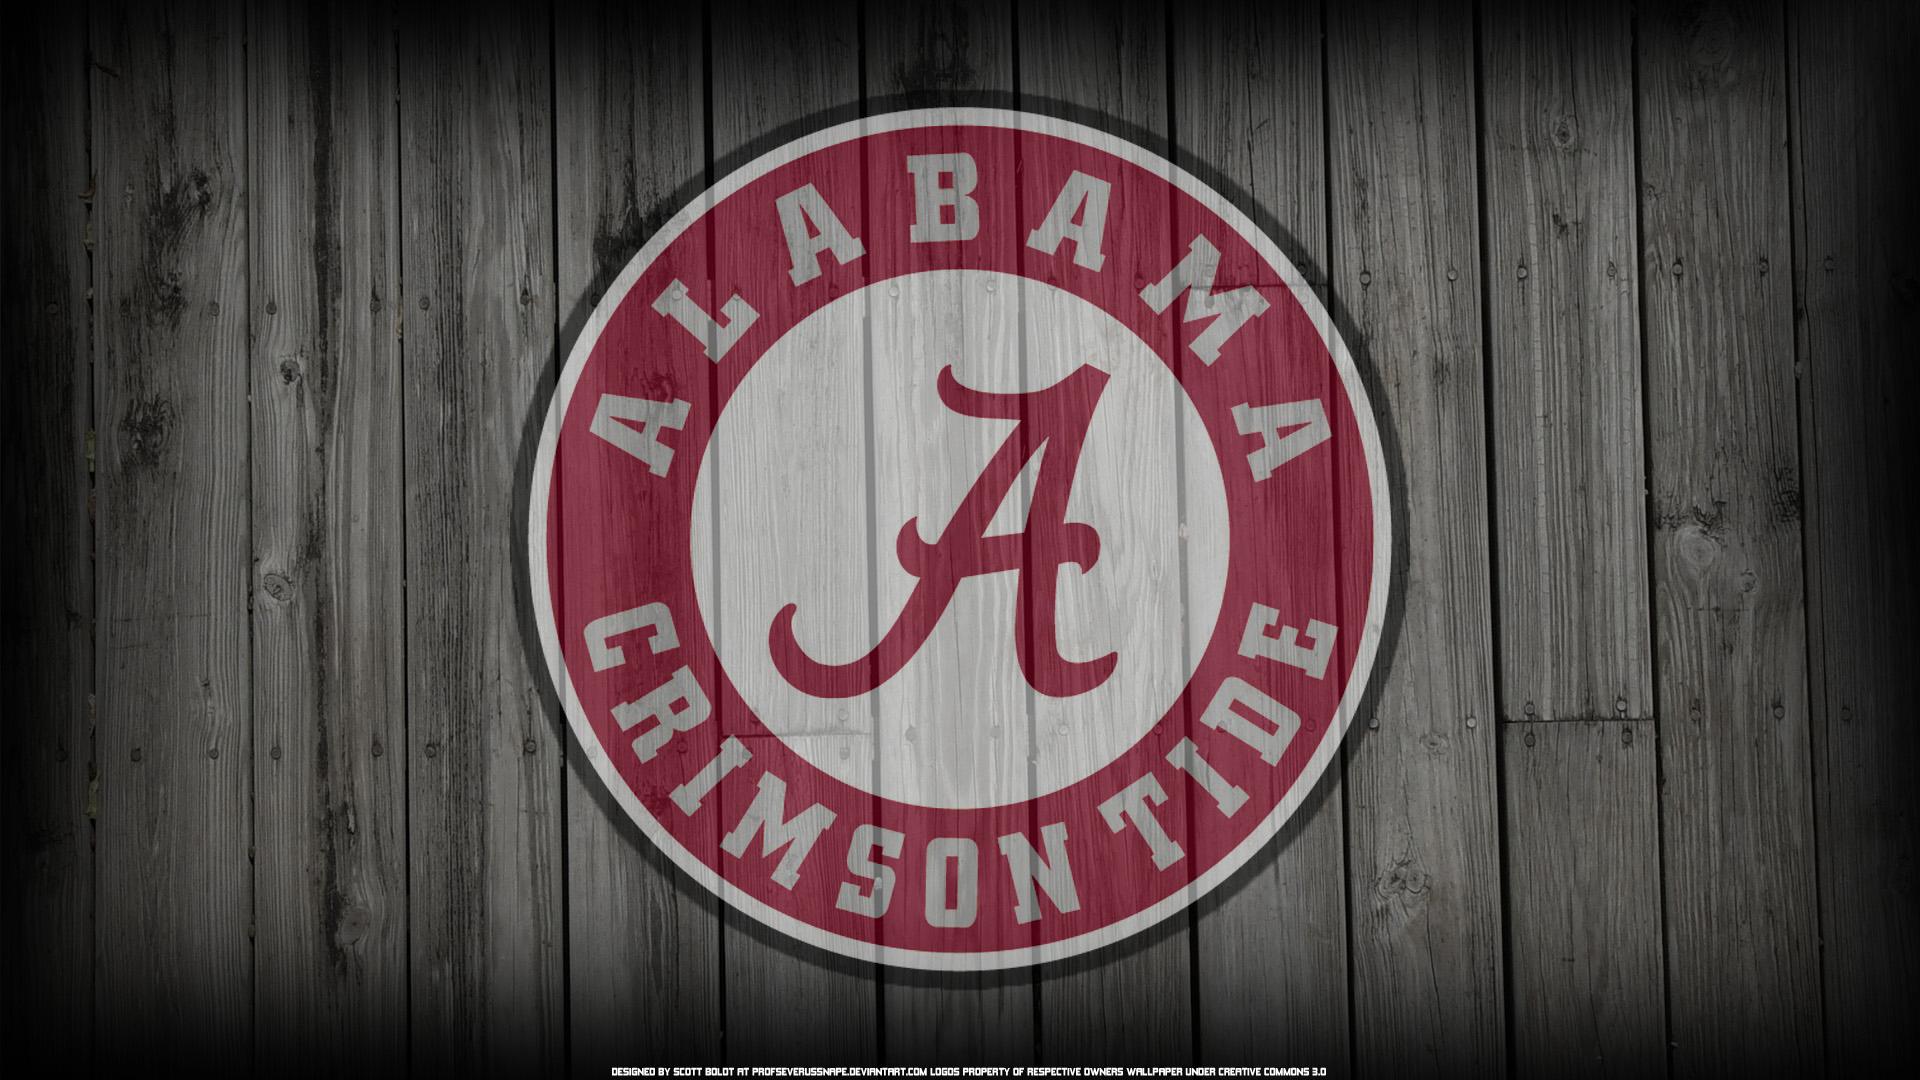 Alabama Wallpapers at DeviantArtcom 1920x1080